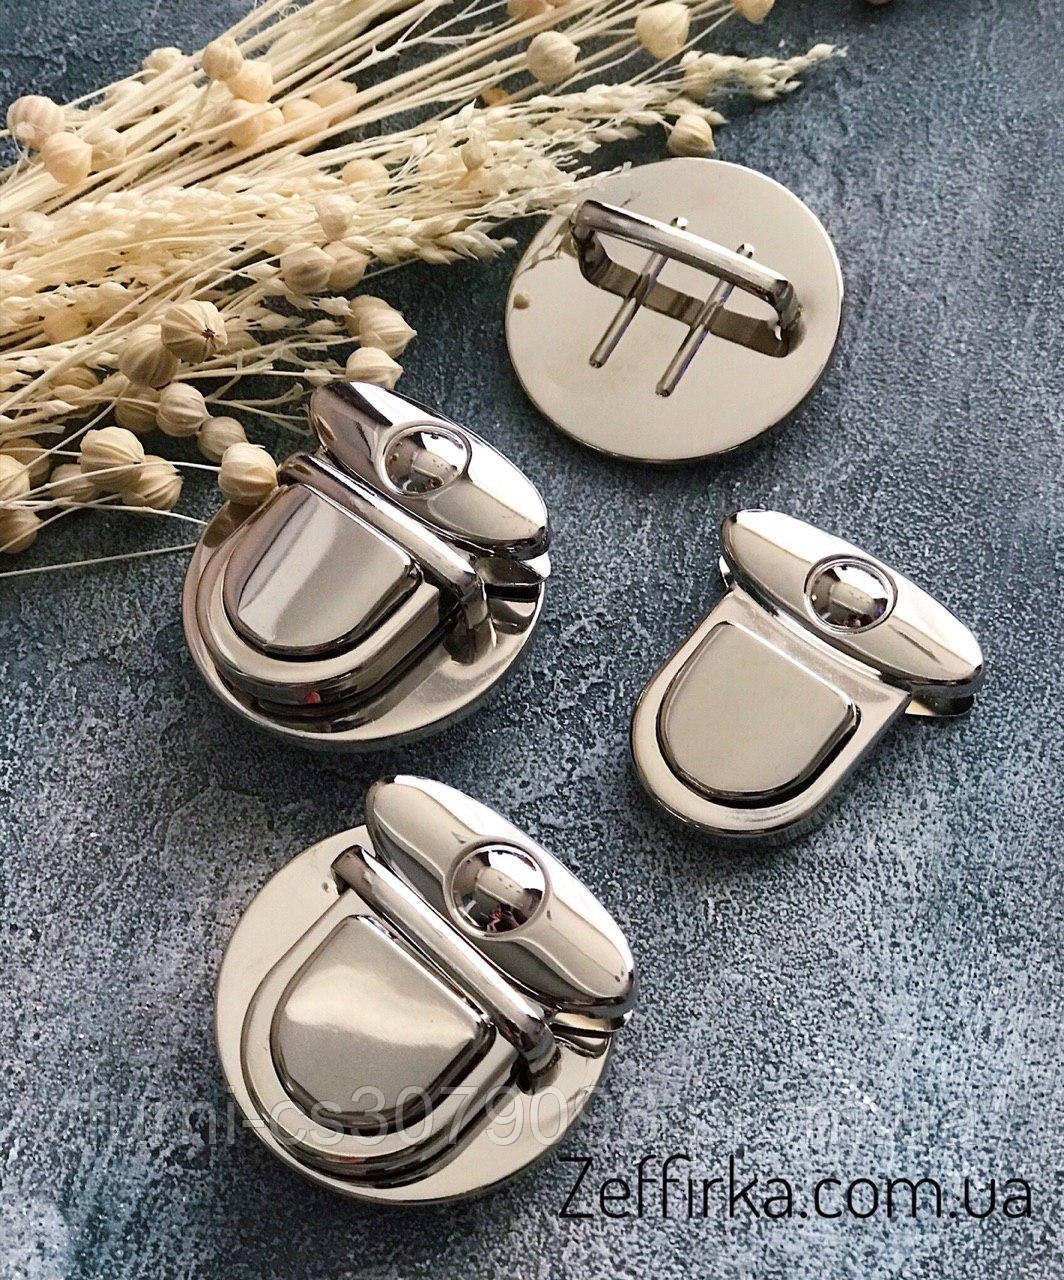 825c0506184f Замок для сумки круглый серебро - Интернет-магазин трикотажной пряжи  Zeffirka в Одессе